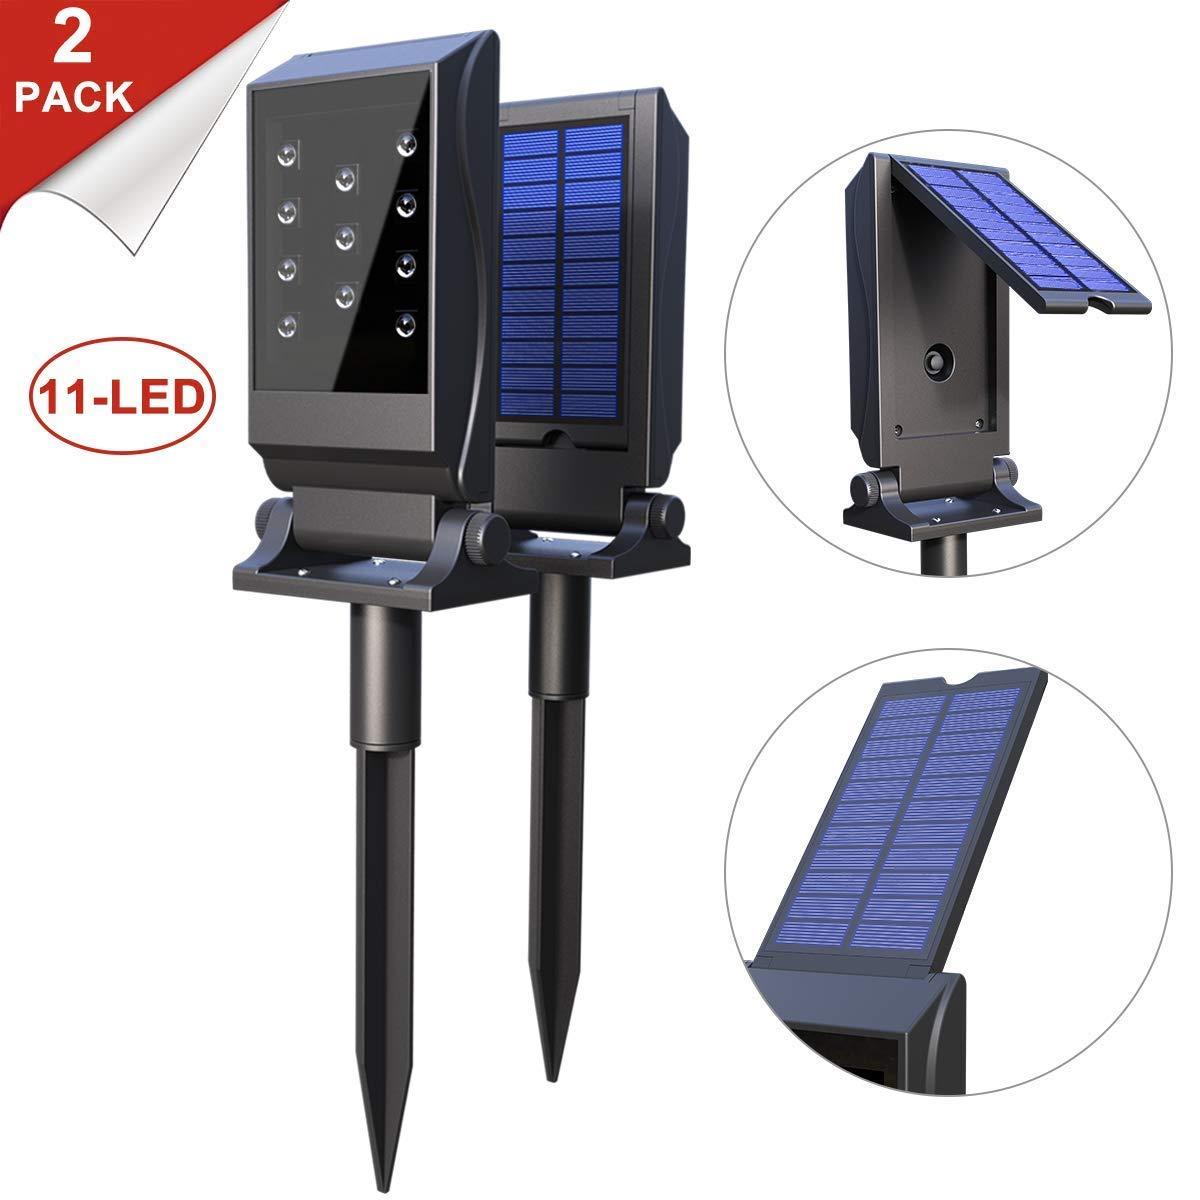 Avaspot Solar Spotlights Outdoor, 2 Pack 11 LED Solar Lights, Waterproof Solar Landscape Lights, 180°Adjustable Outdoor Security Lighting 2-in-1 Solar Wall Light for Patio Yard Driveway